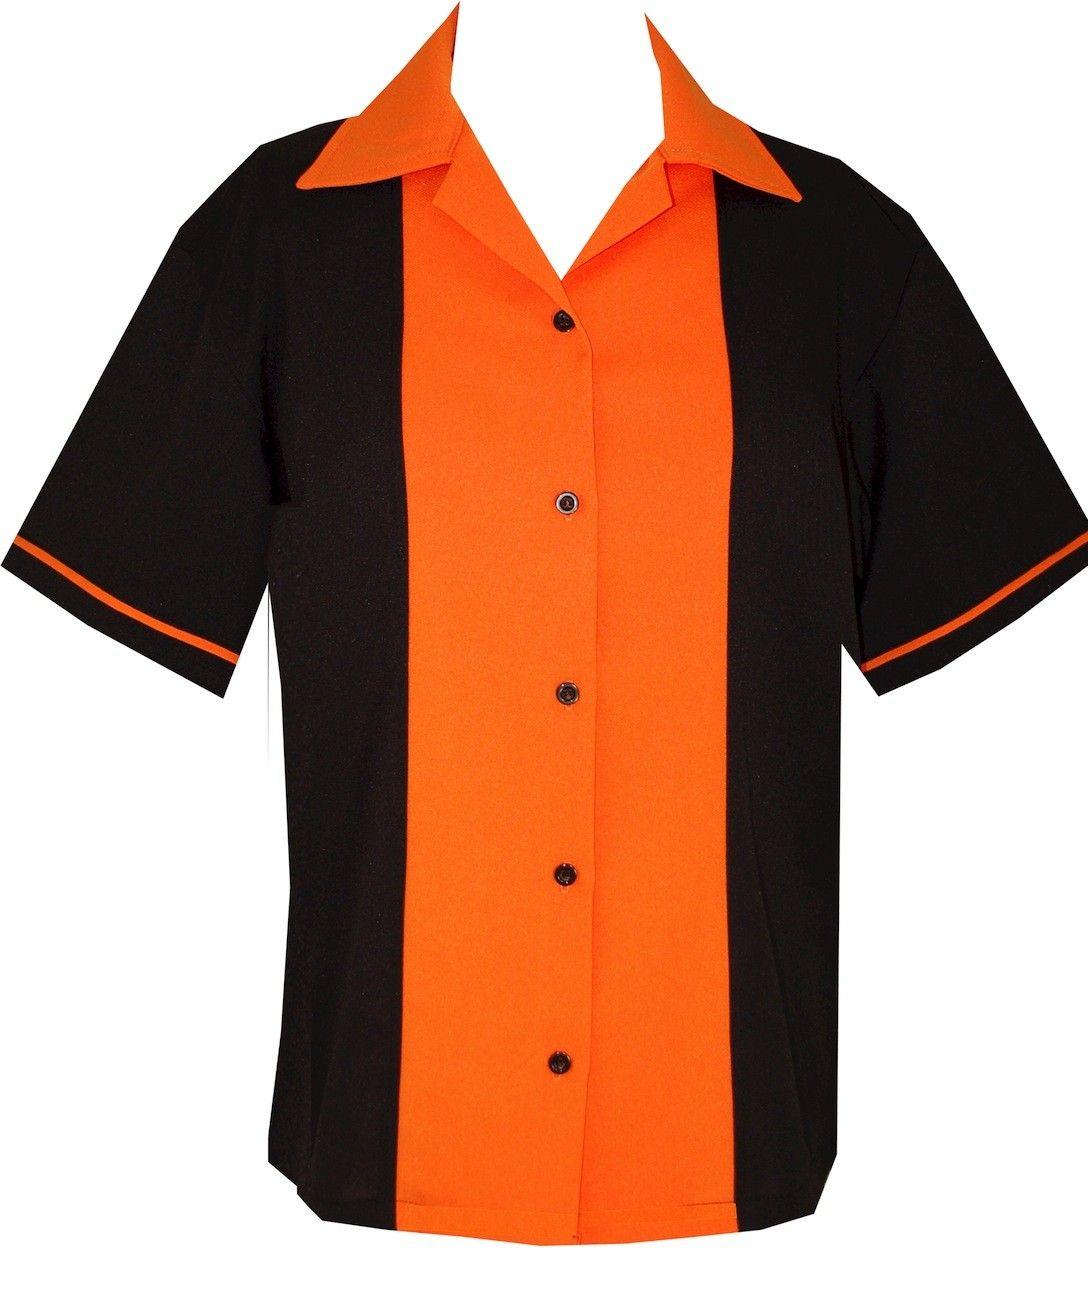 193fae68d Personalize this CLASSIC shirt with names or monograms! Retro Bowling Shirts,  Retro Shirts, Retro Fashion, Mens Fashion, Style Fashion,